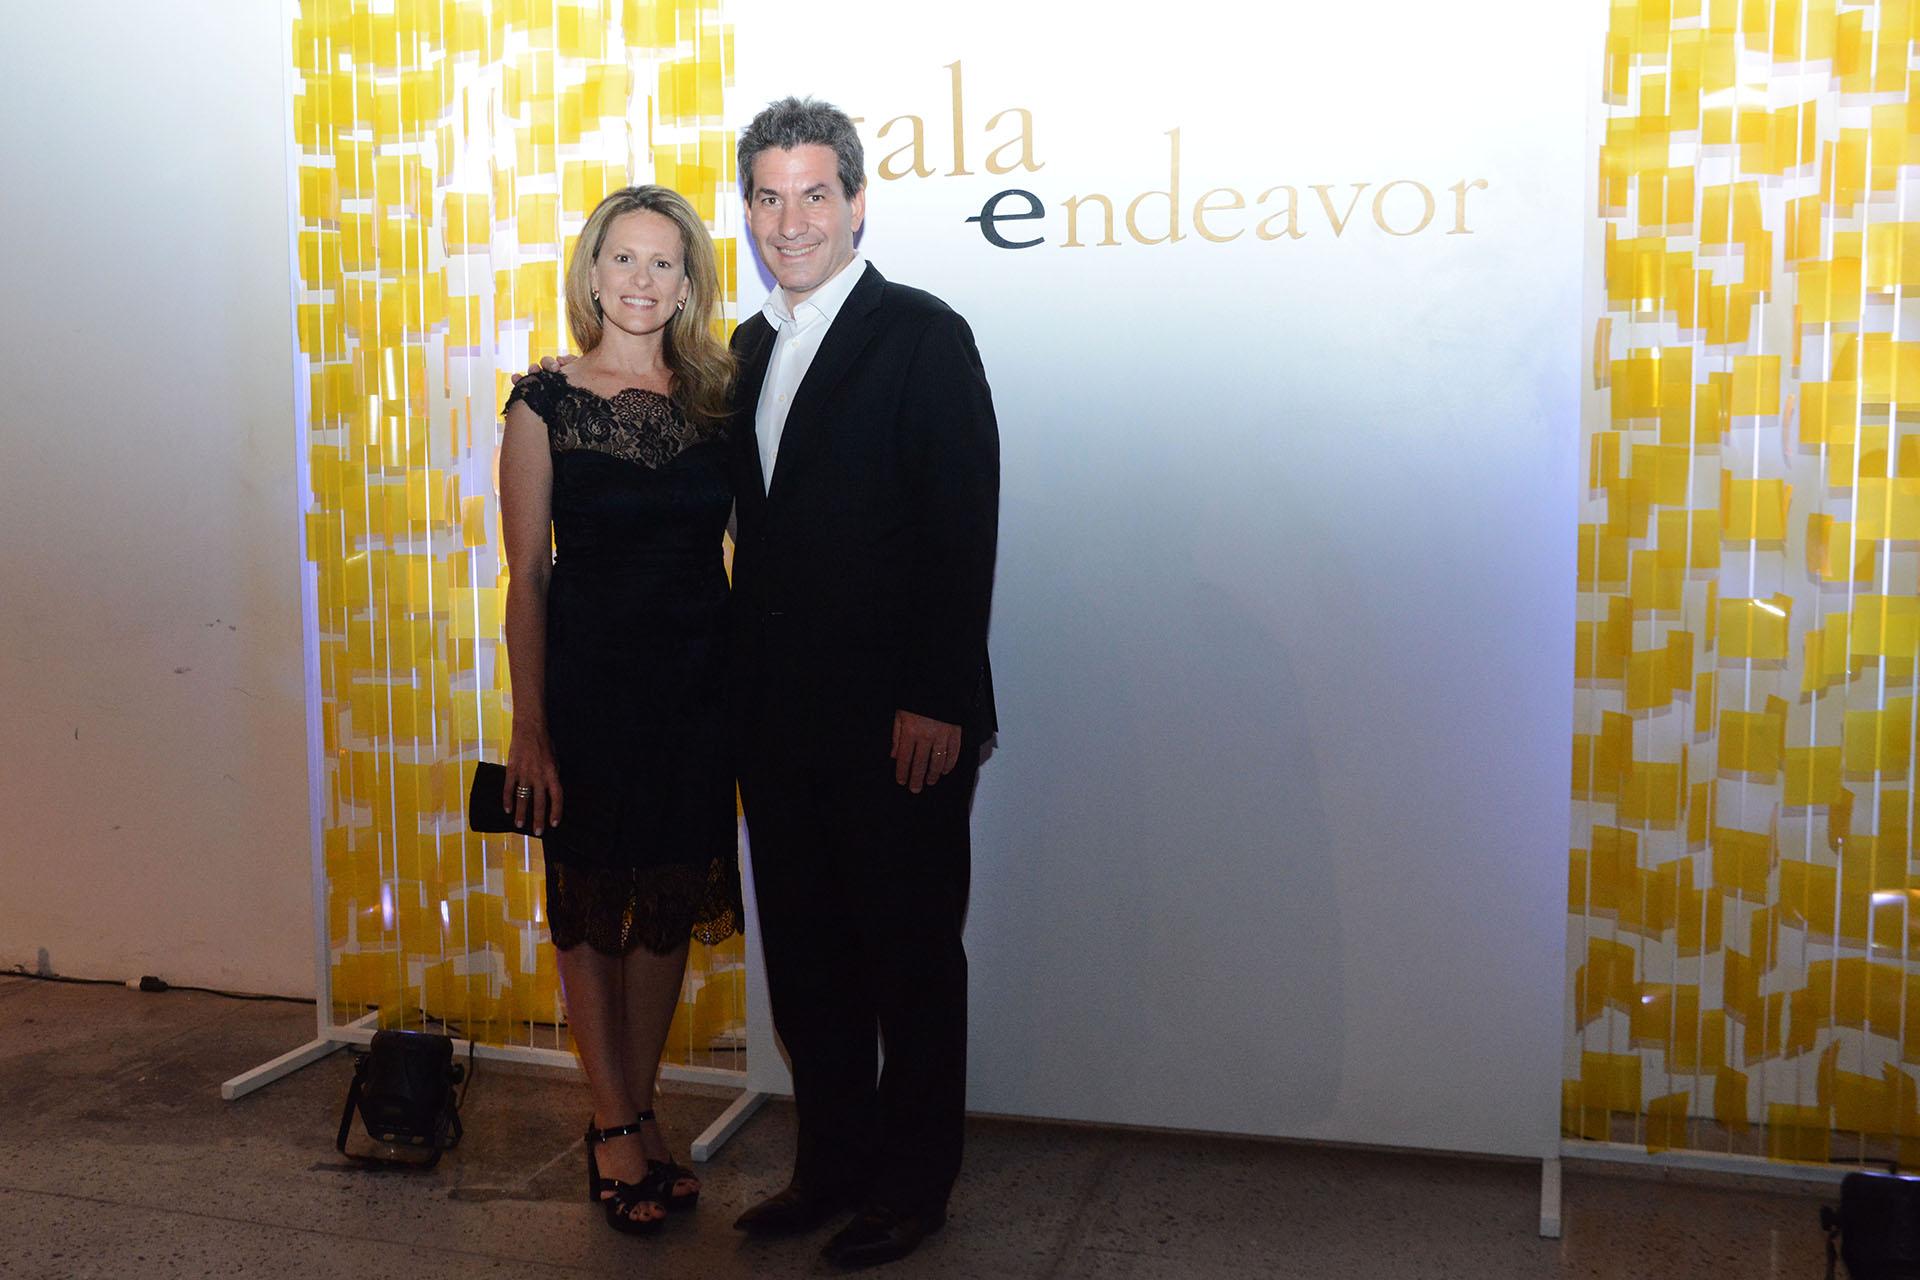 Andy Freire, ministro de Modernización, Innovación y Tecnología de la Ciudad de Buenos Aires y Romina, su esposa